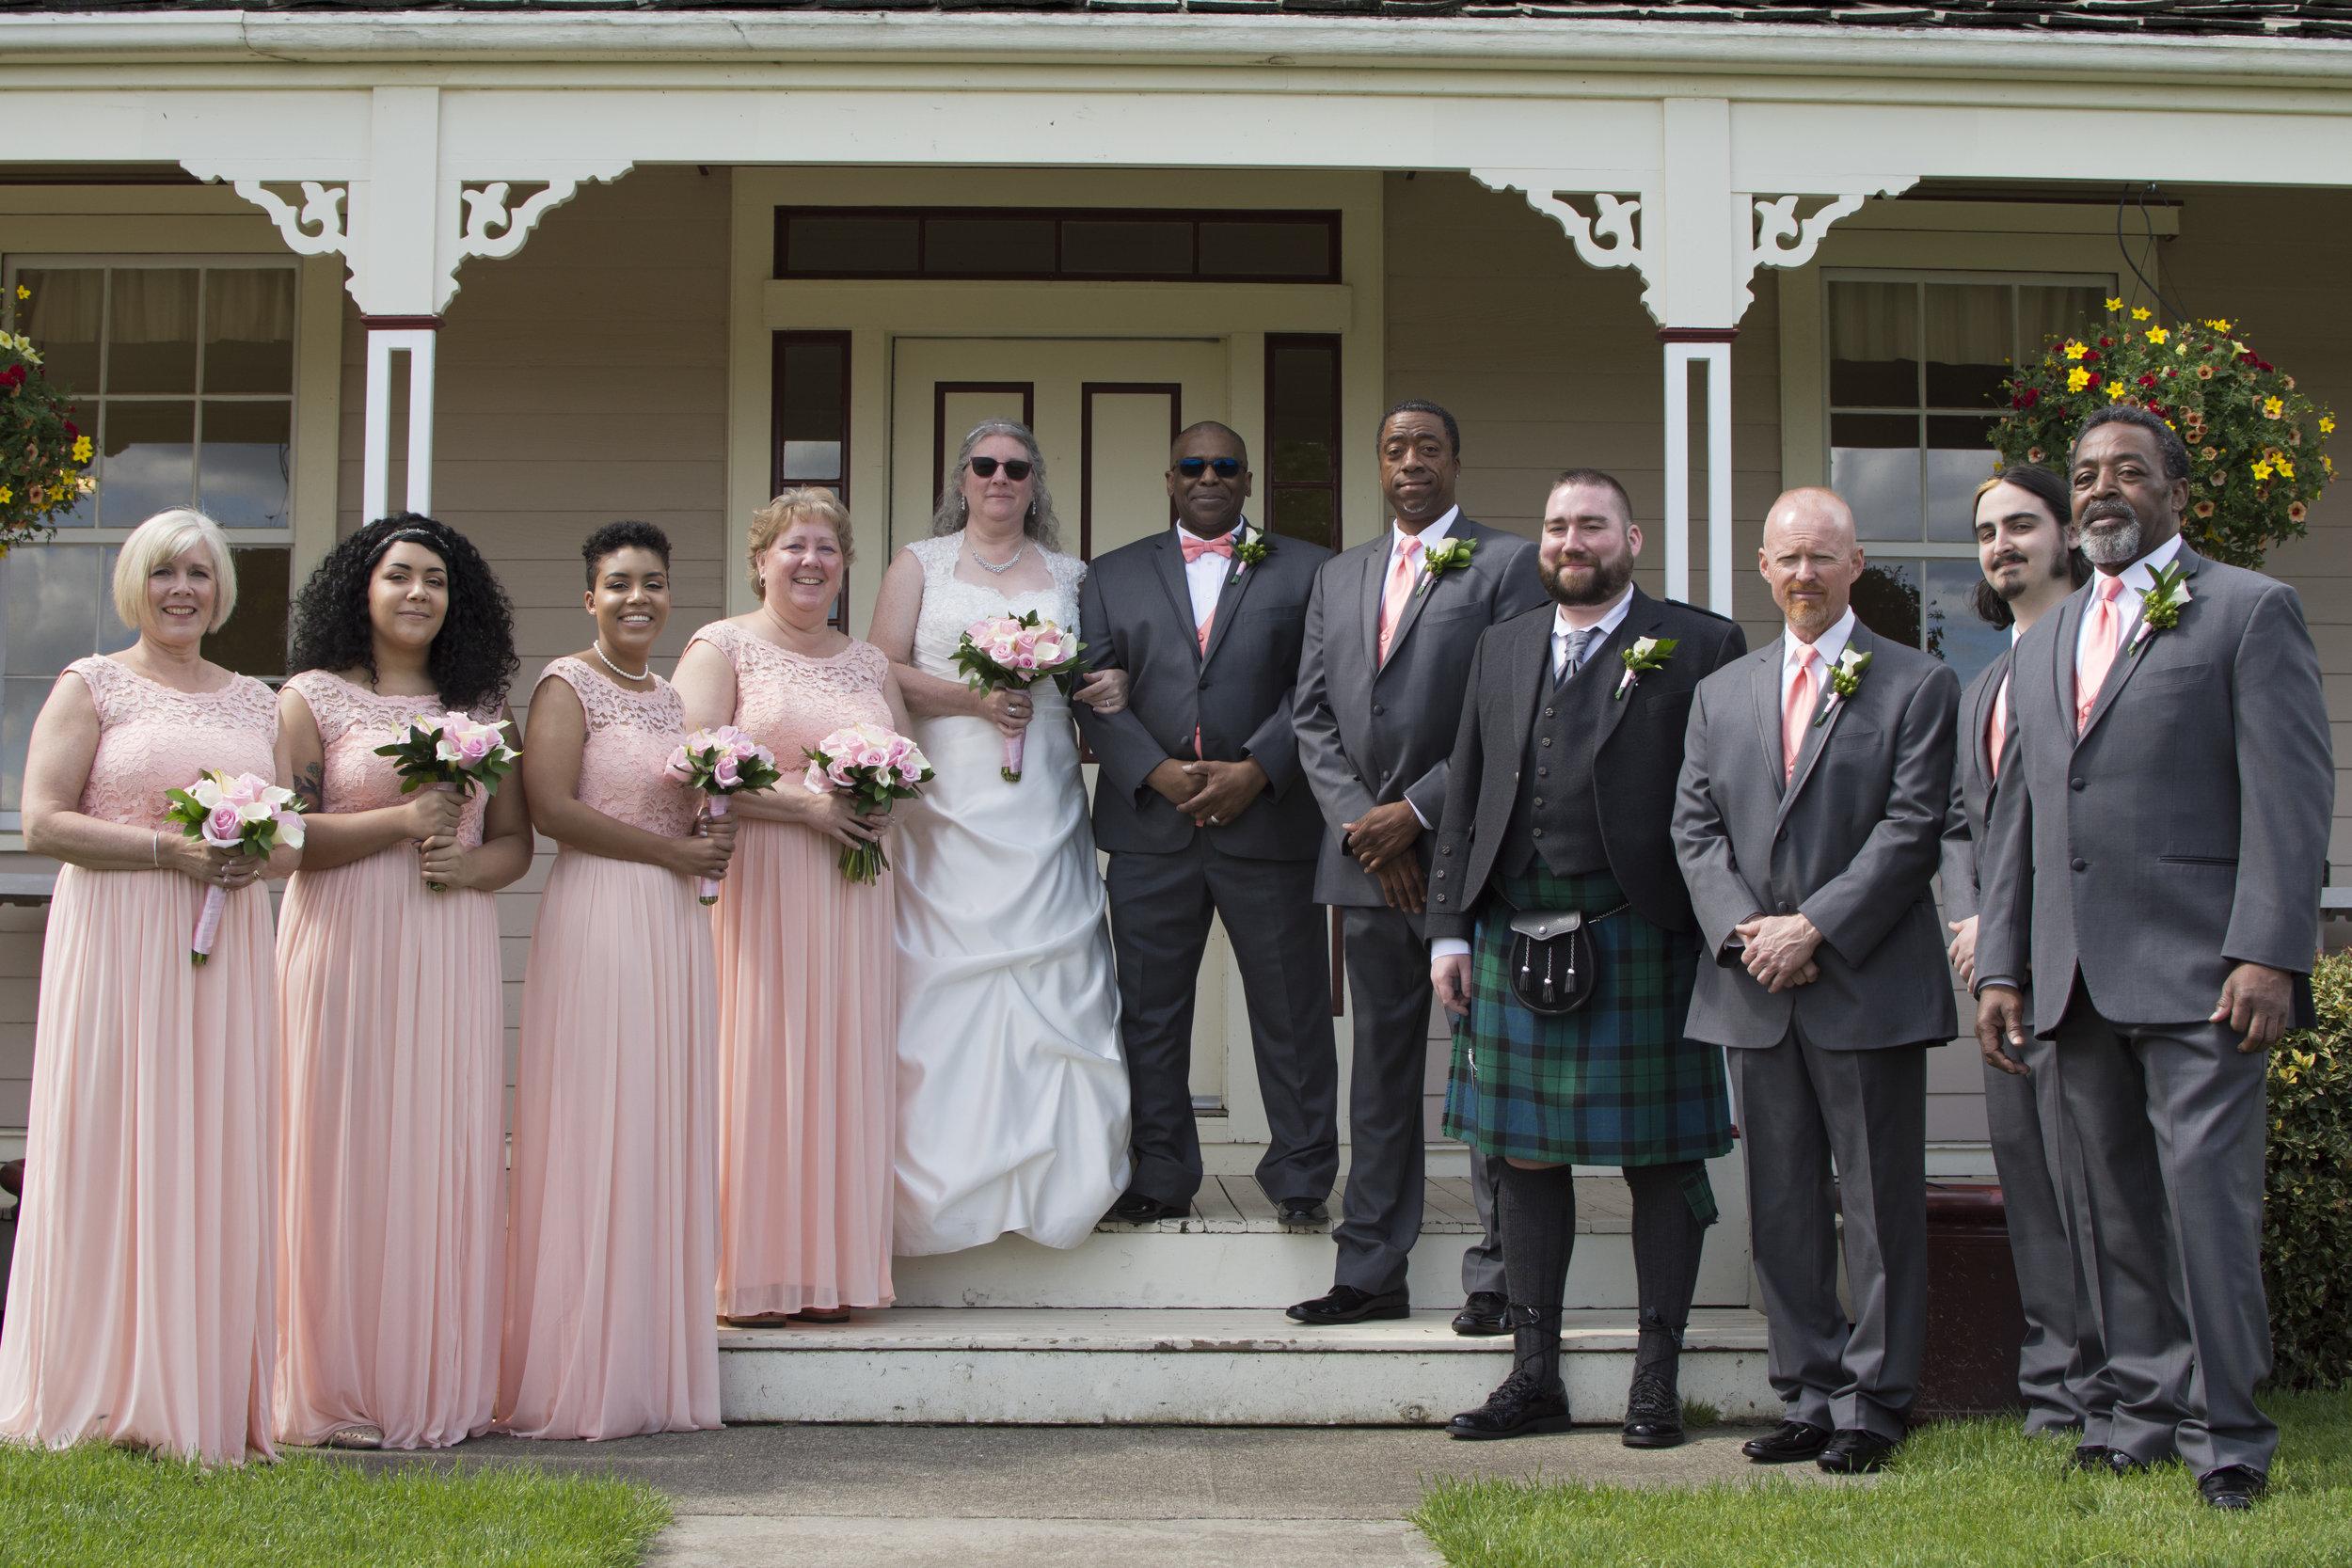 JR_wedding_264.JPG